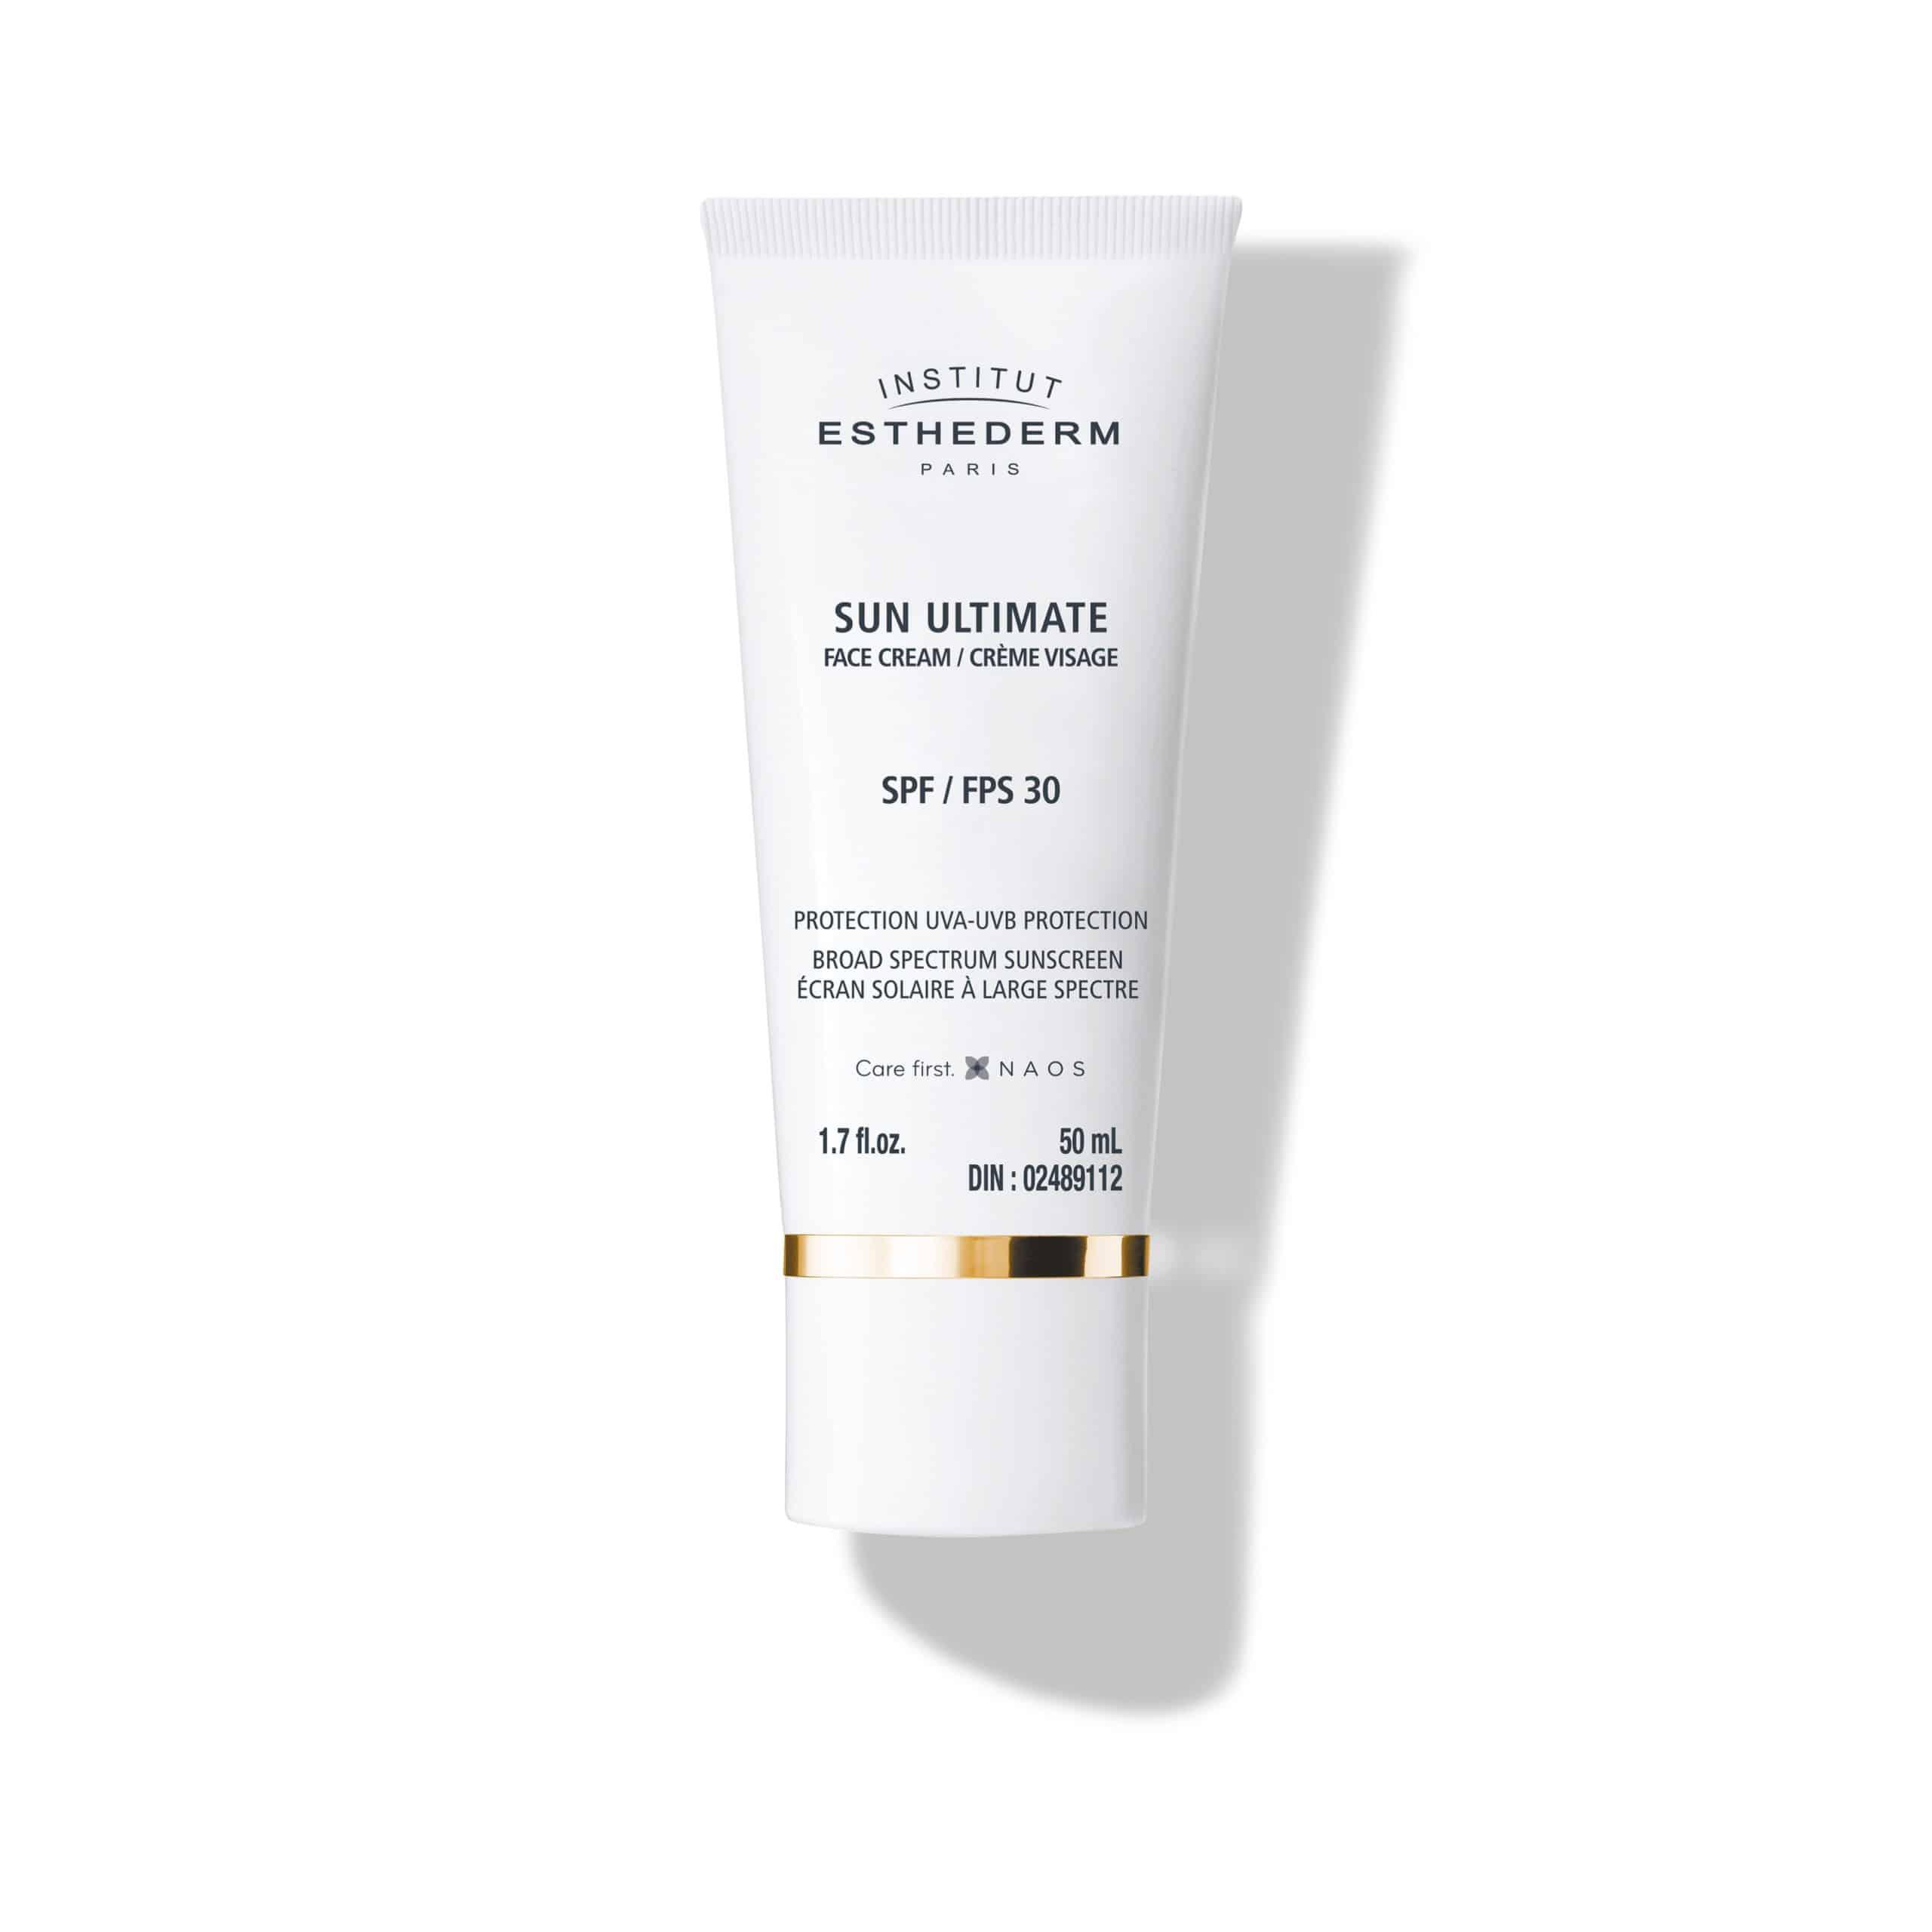 Sun Ultimate Crème Visage – FPS 30